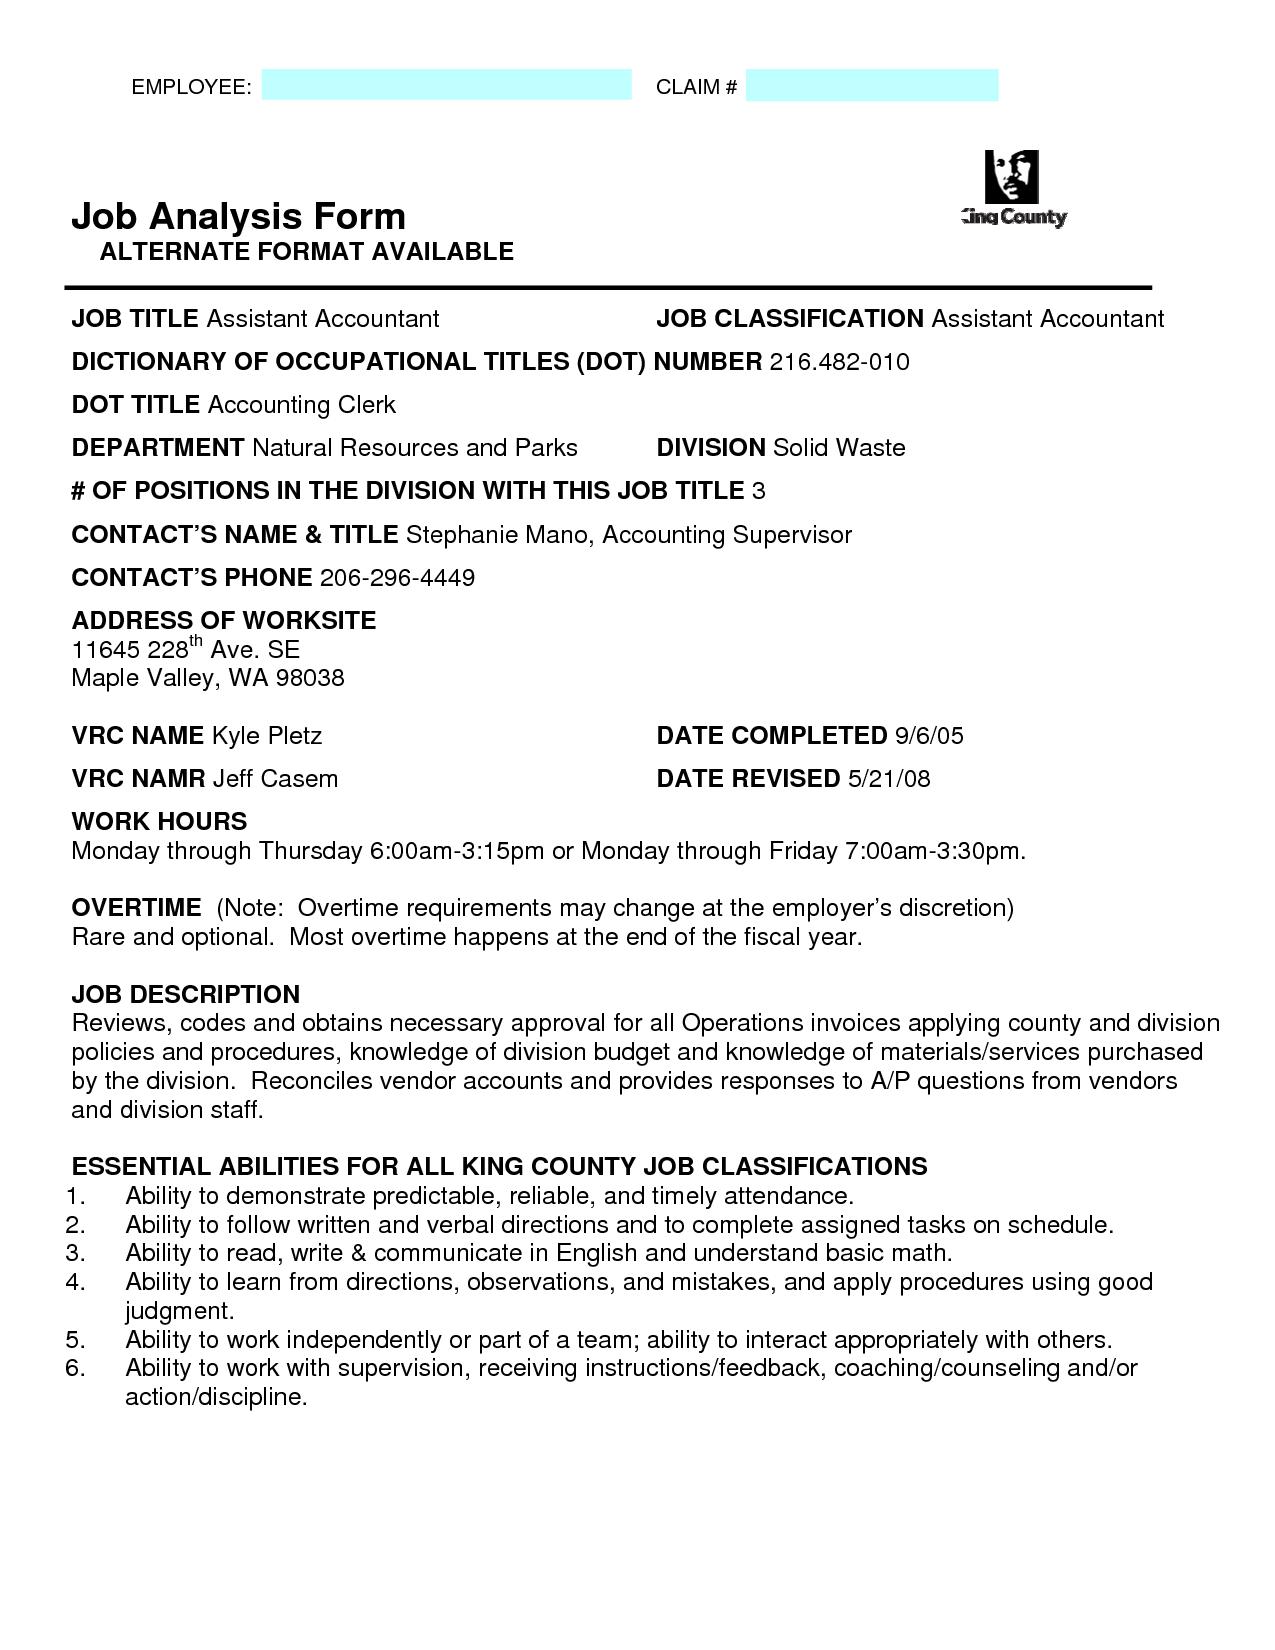 Job Analysis Forms Job Analysis Forms Pinterest Job